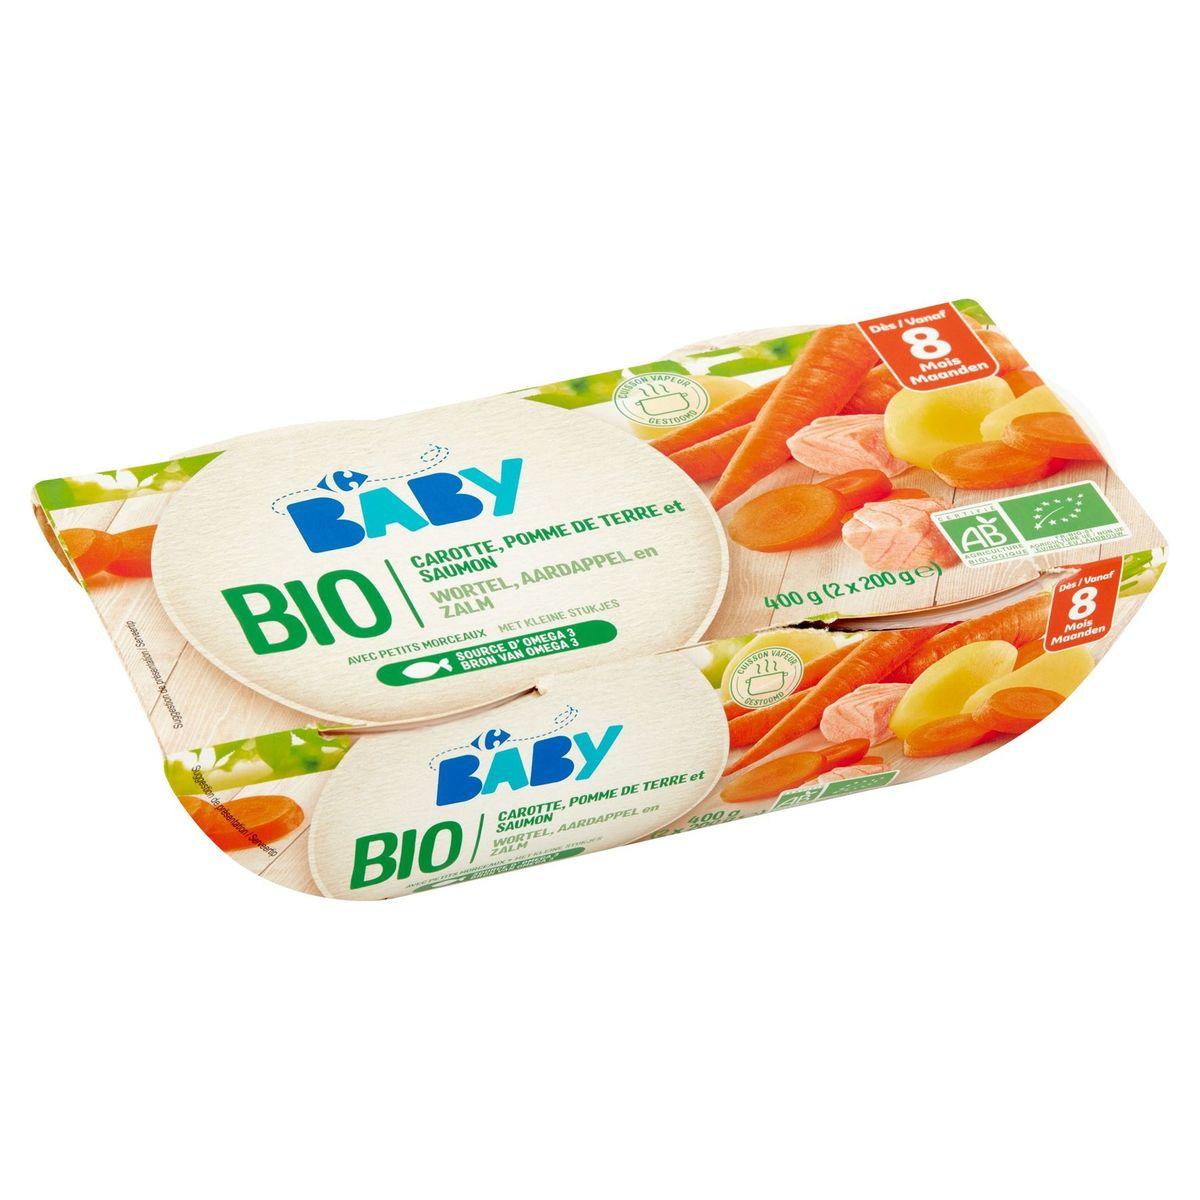 Carrefour Baby Bio Carotte, Pomme de Terre et Saumon 8M+ 2 x 200 g